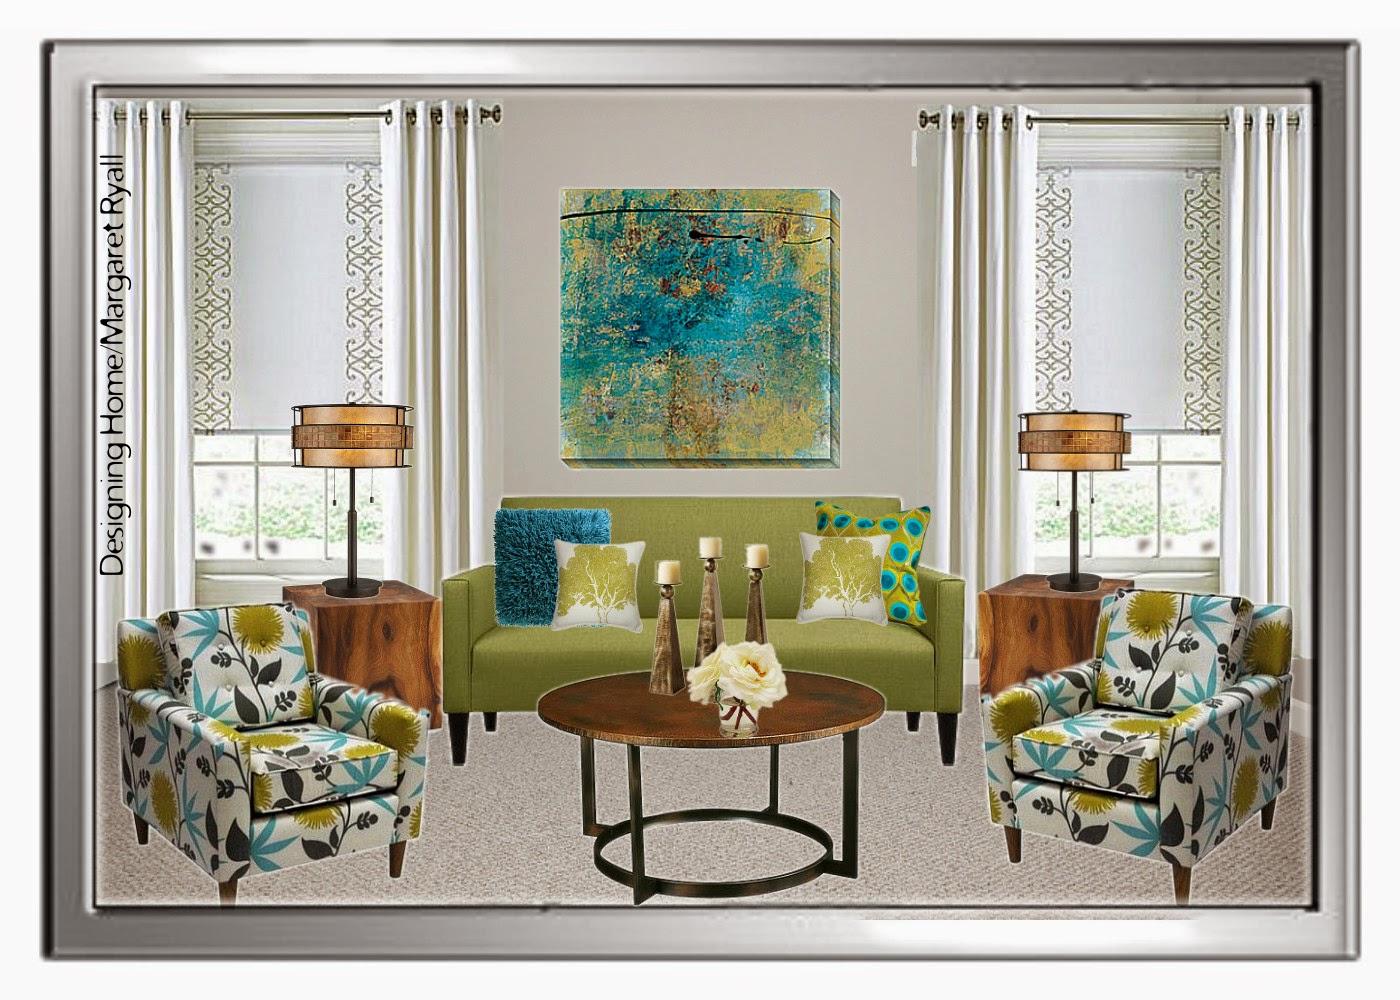 fresh living room scheme, fresh green, turquoise